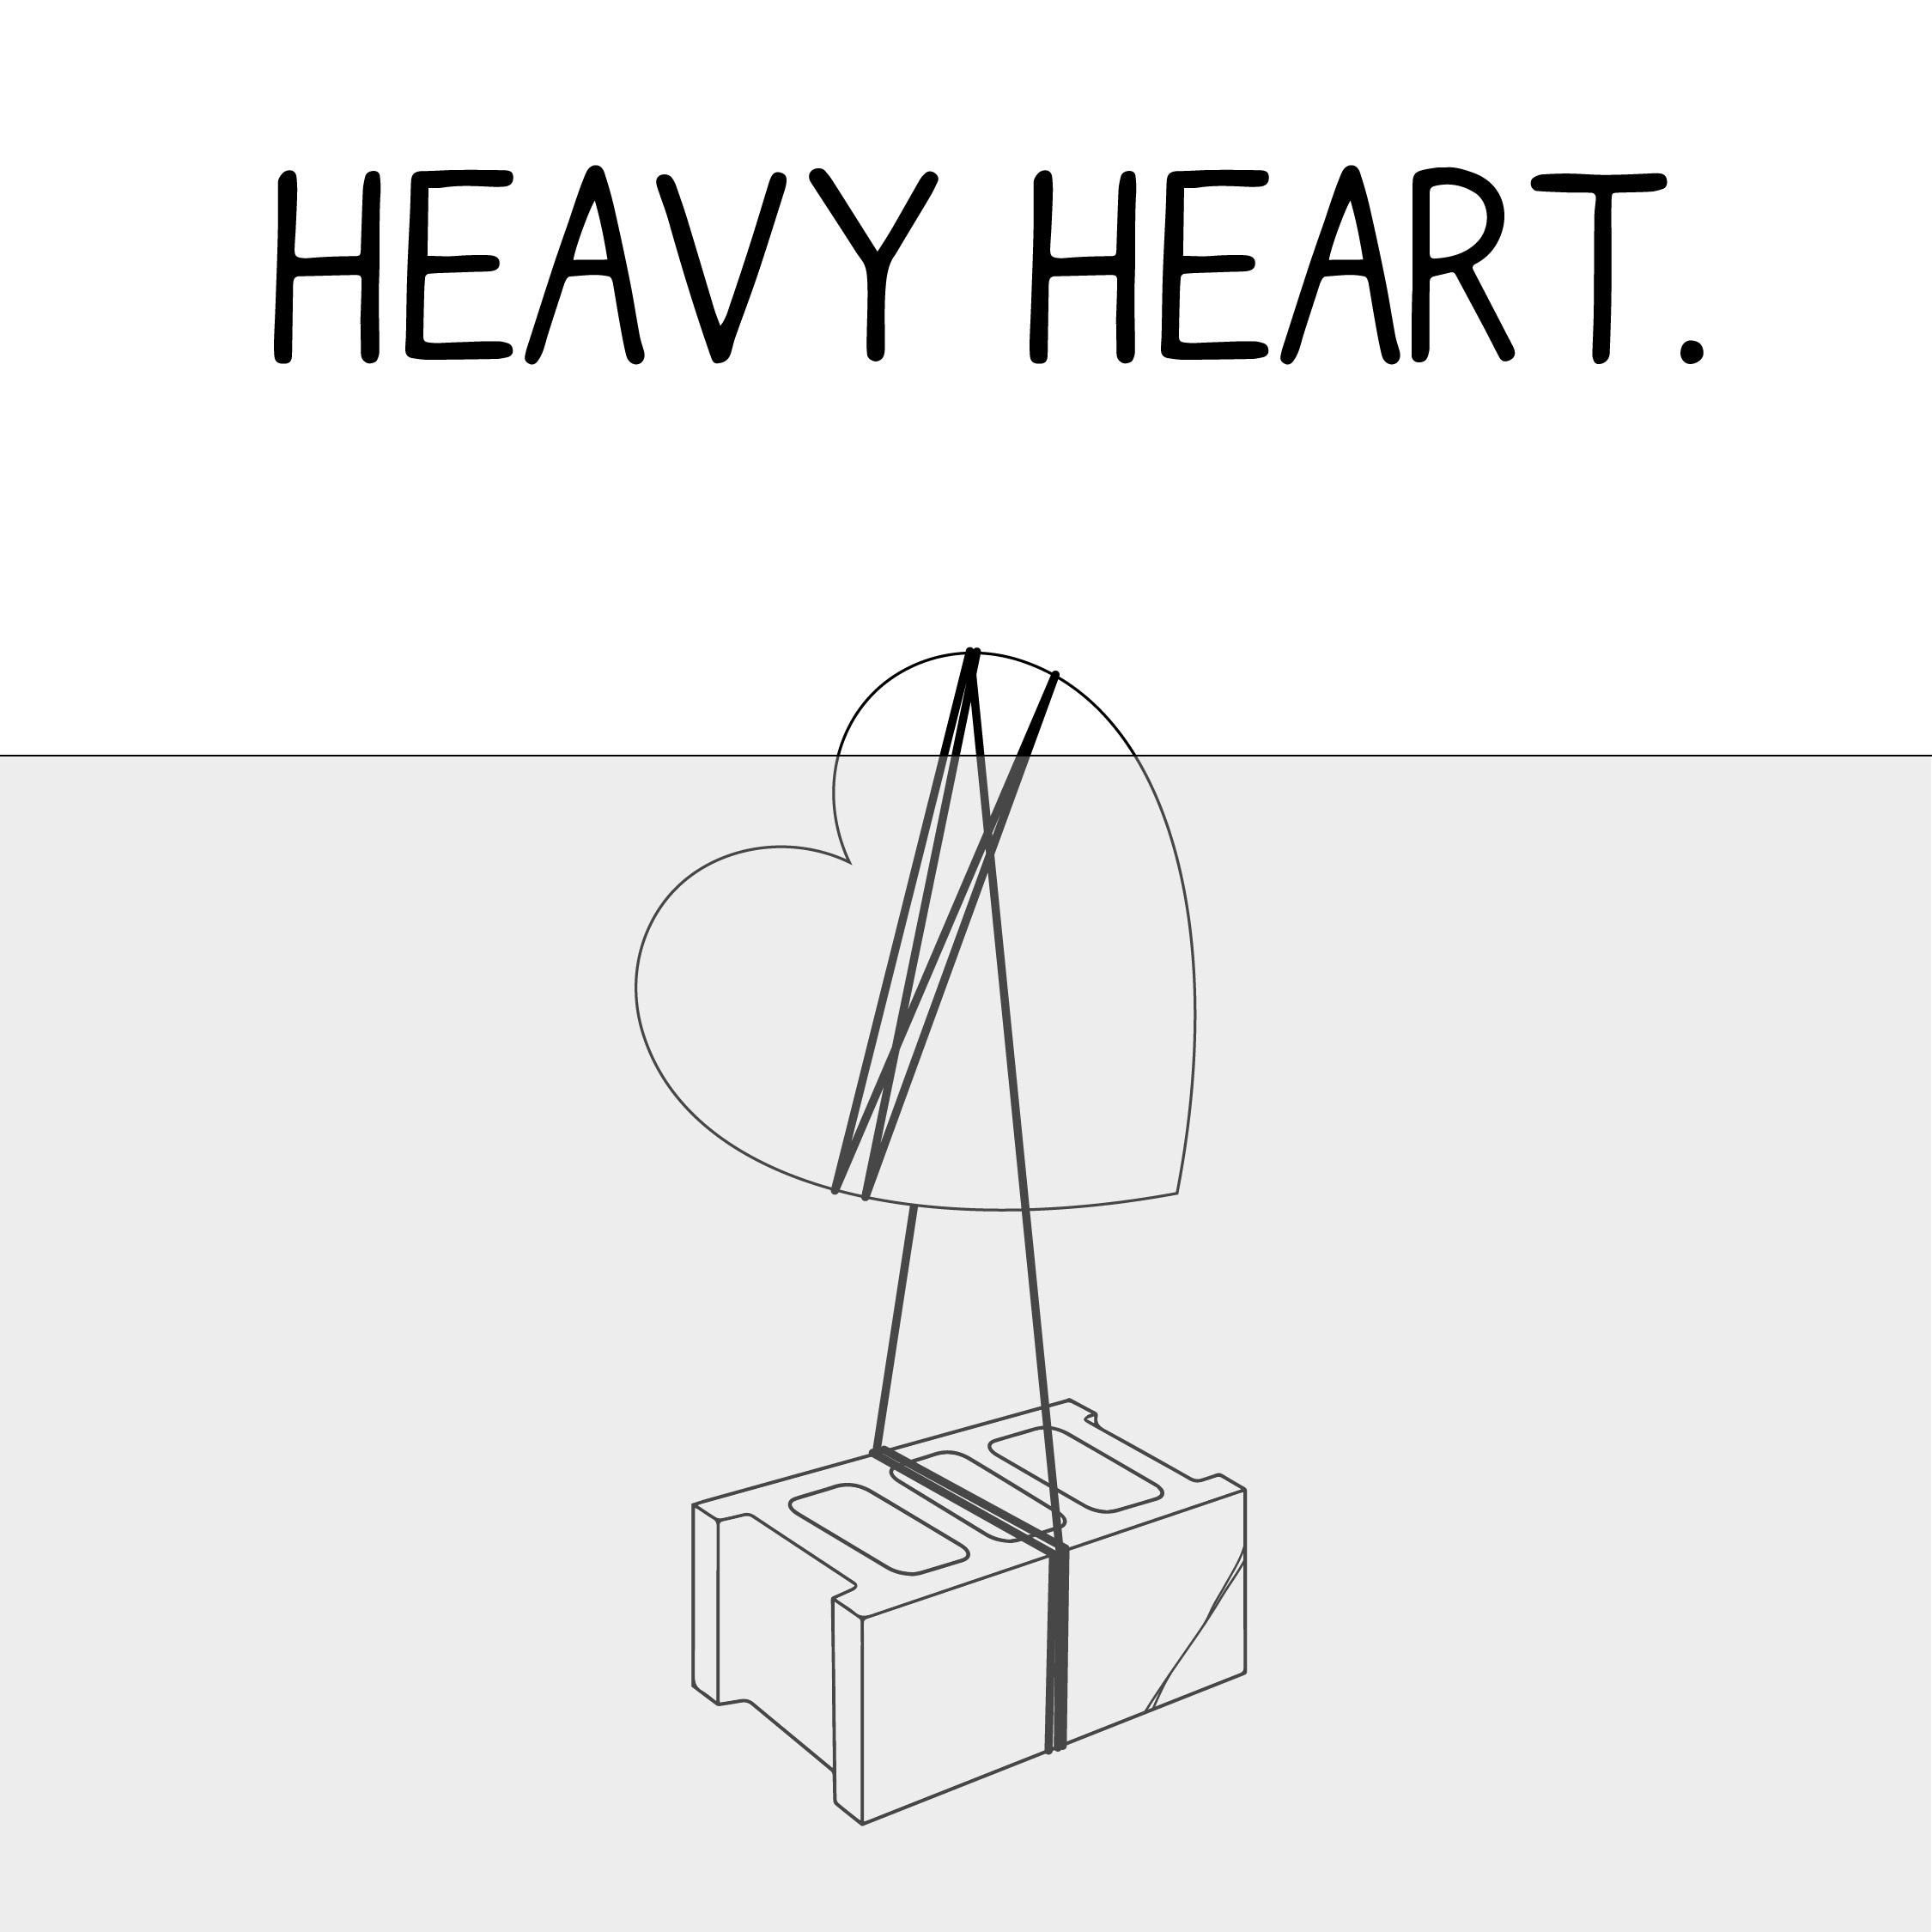 HEAVYHEART-01.jpg